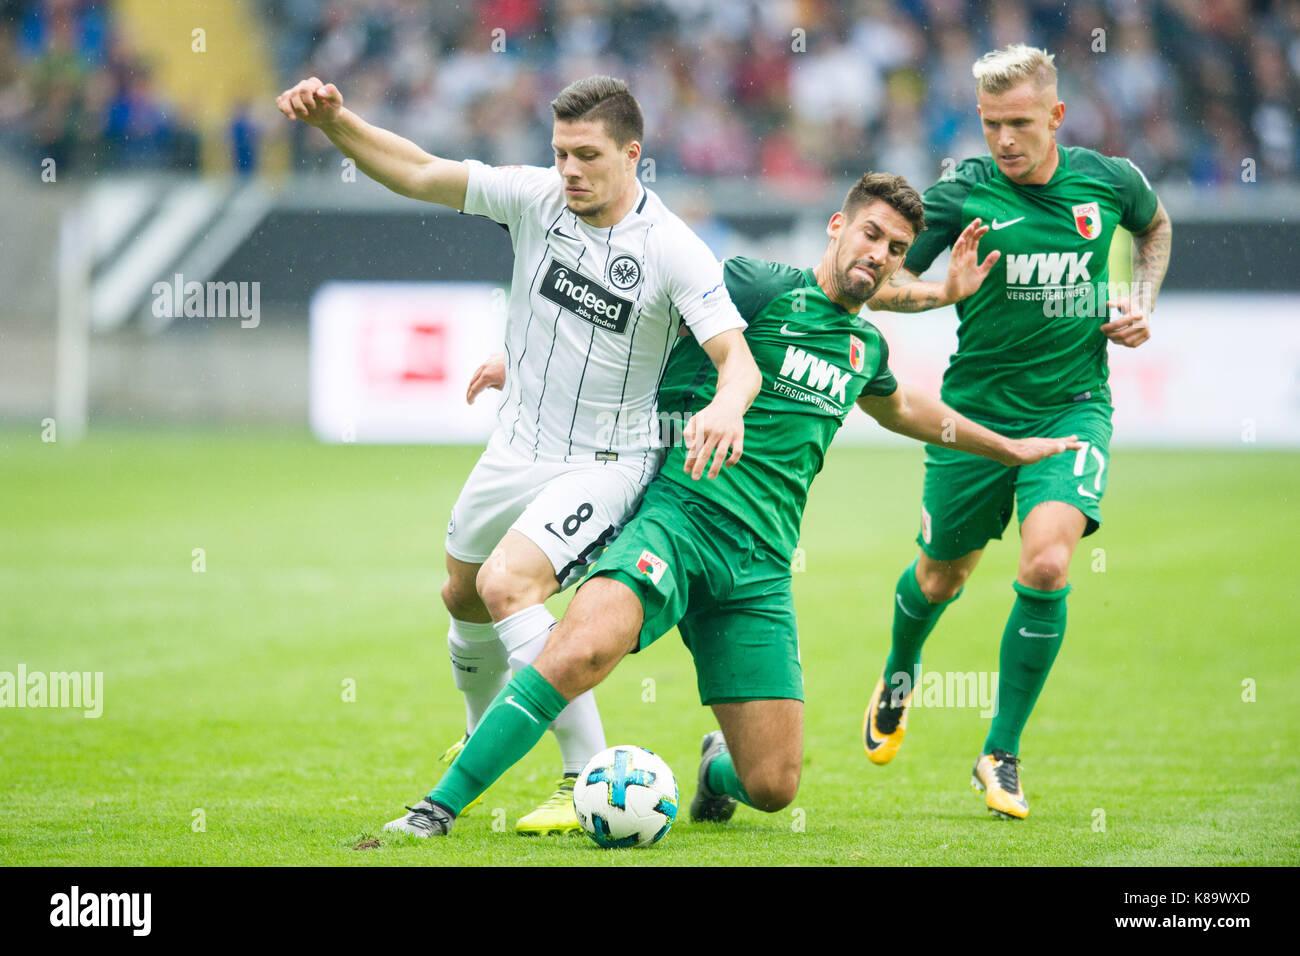 Luka JOVIC (li., F) gegen Rani KHEDIRA (A), Jonathan SCHMID (A) sieht zu, Aktion, Kampf um den Ball, Fussball 1. - Stock Image